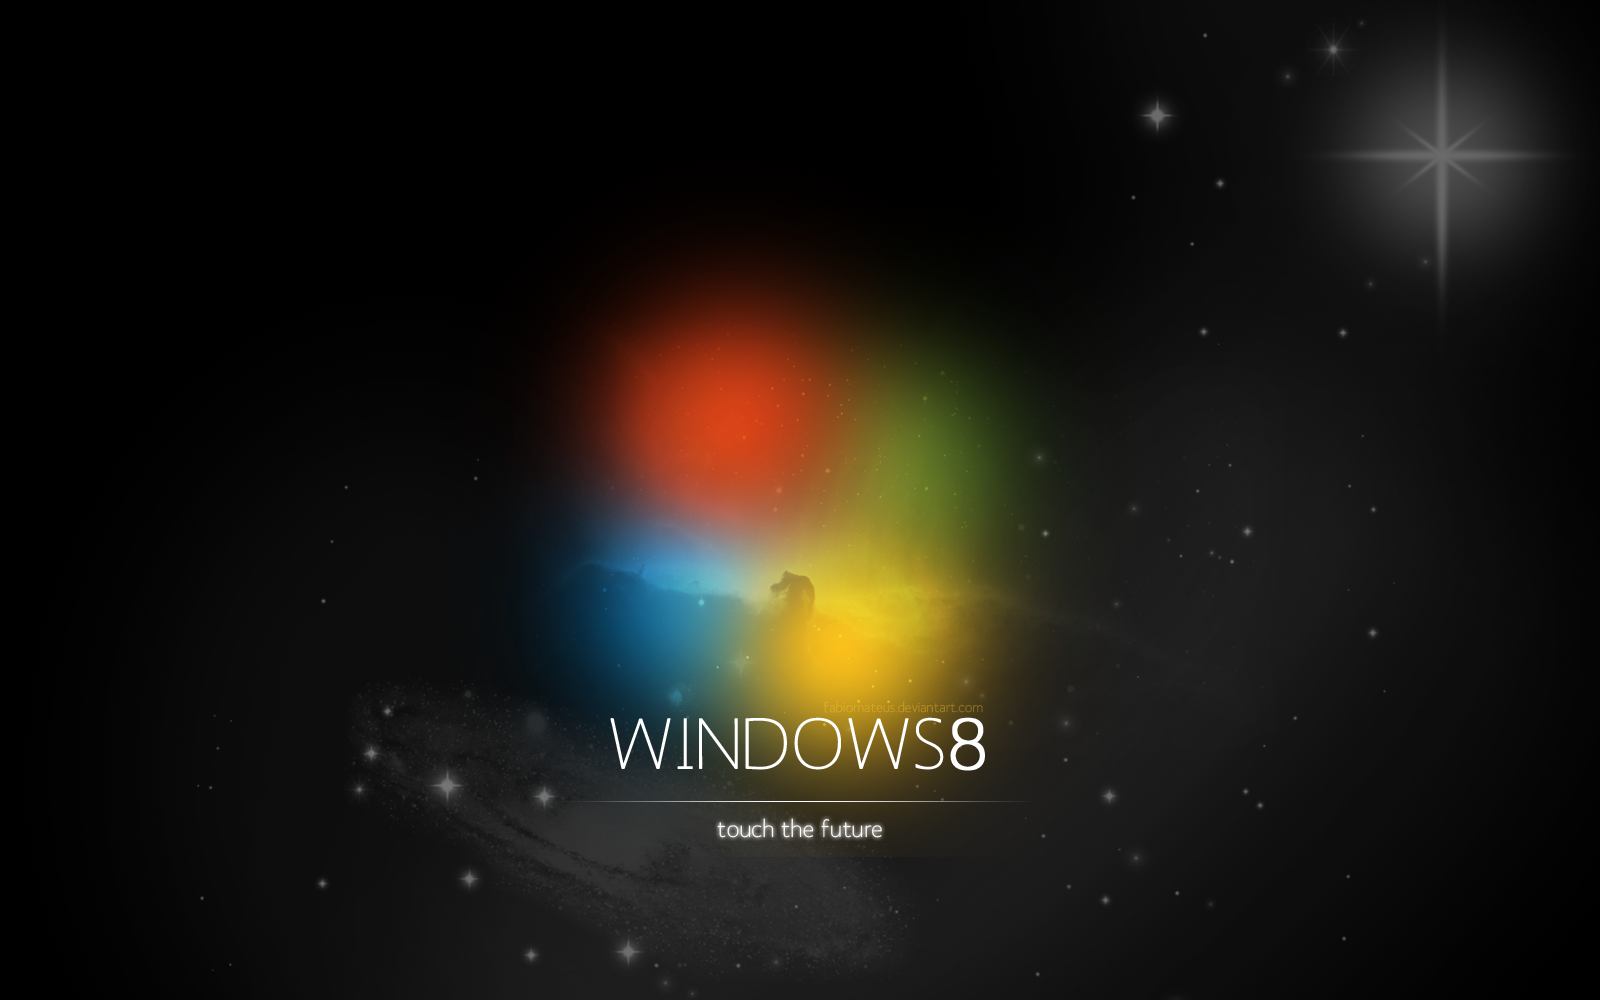 https://1.bp.blogspot.com/-WeN3mjQJ_vk/UPTVQ5UFSII/AAAAAAAADP8/AKueXWYy7-M/s1600/windows_8_wallpaper%20(1).png